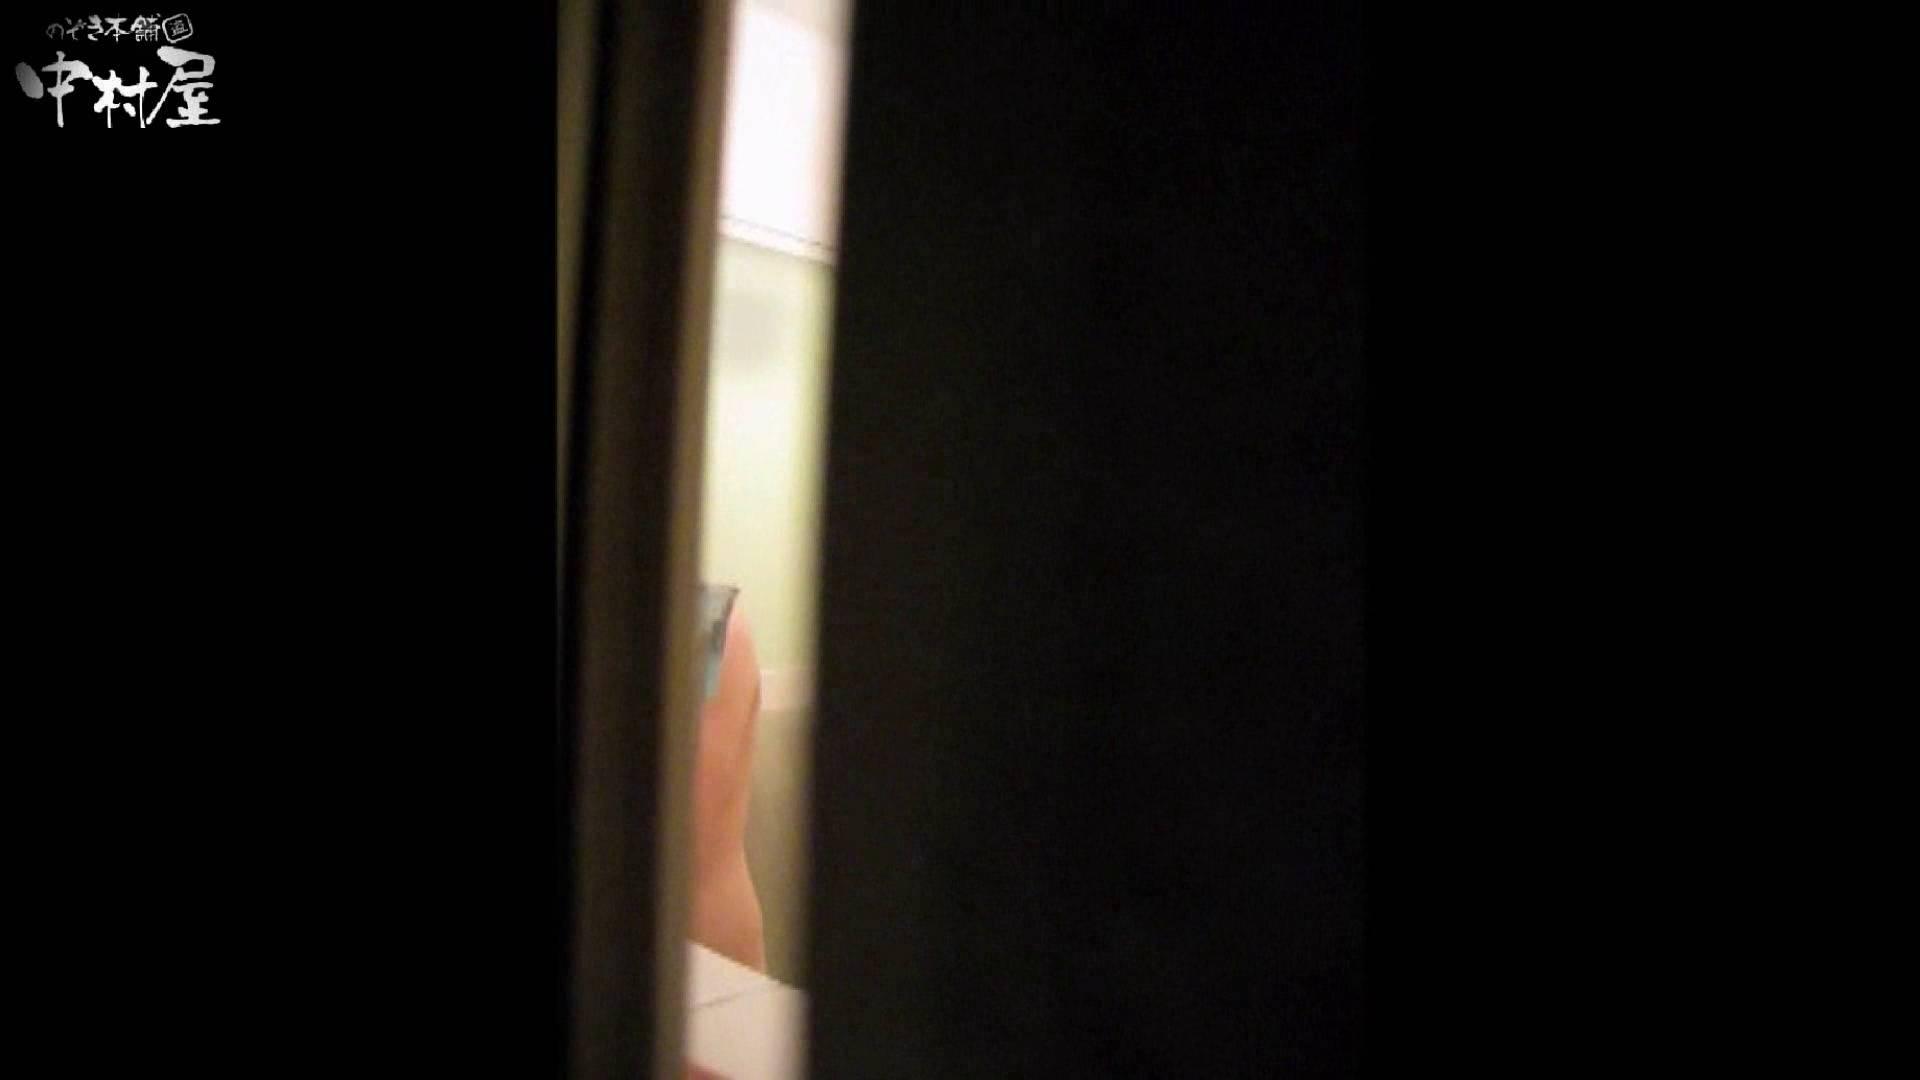 民家風呂専門盗撮師の超危険映像 vol.015 OLのエロ生活 ワレメ無修正動画無料 107連発 104